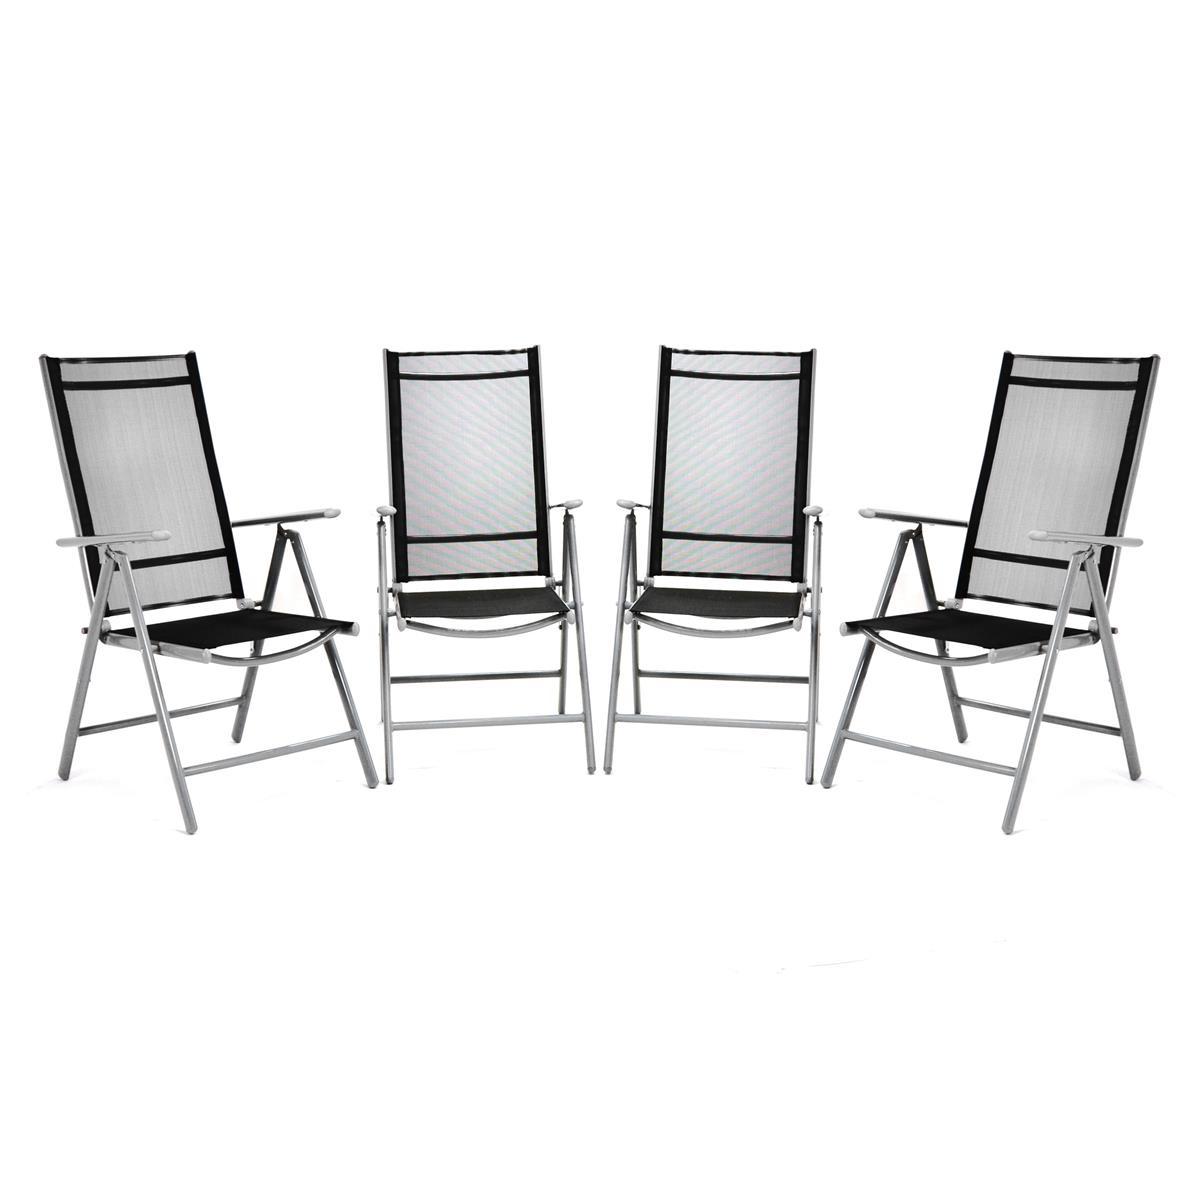 4er Set Klappstuhl Aluminium Komfortbreite Alu Textilene schwarz Rahmen grau